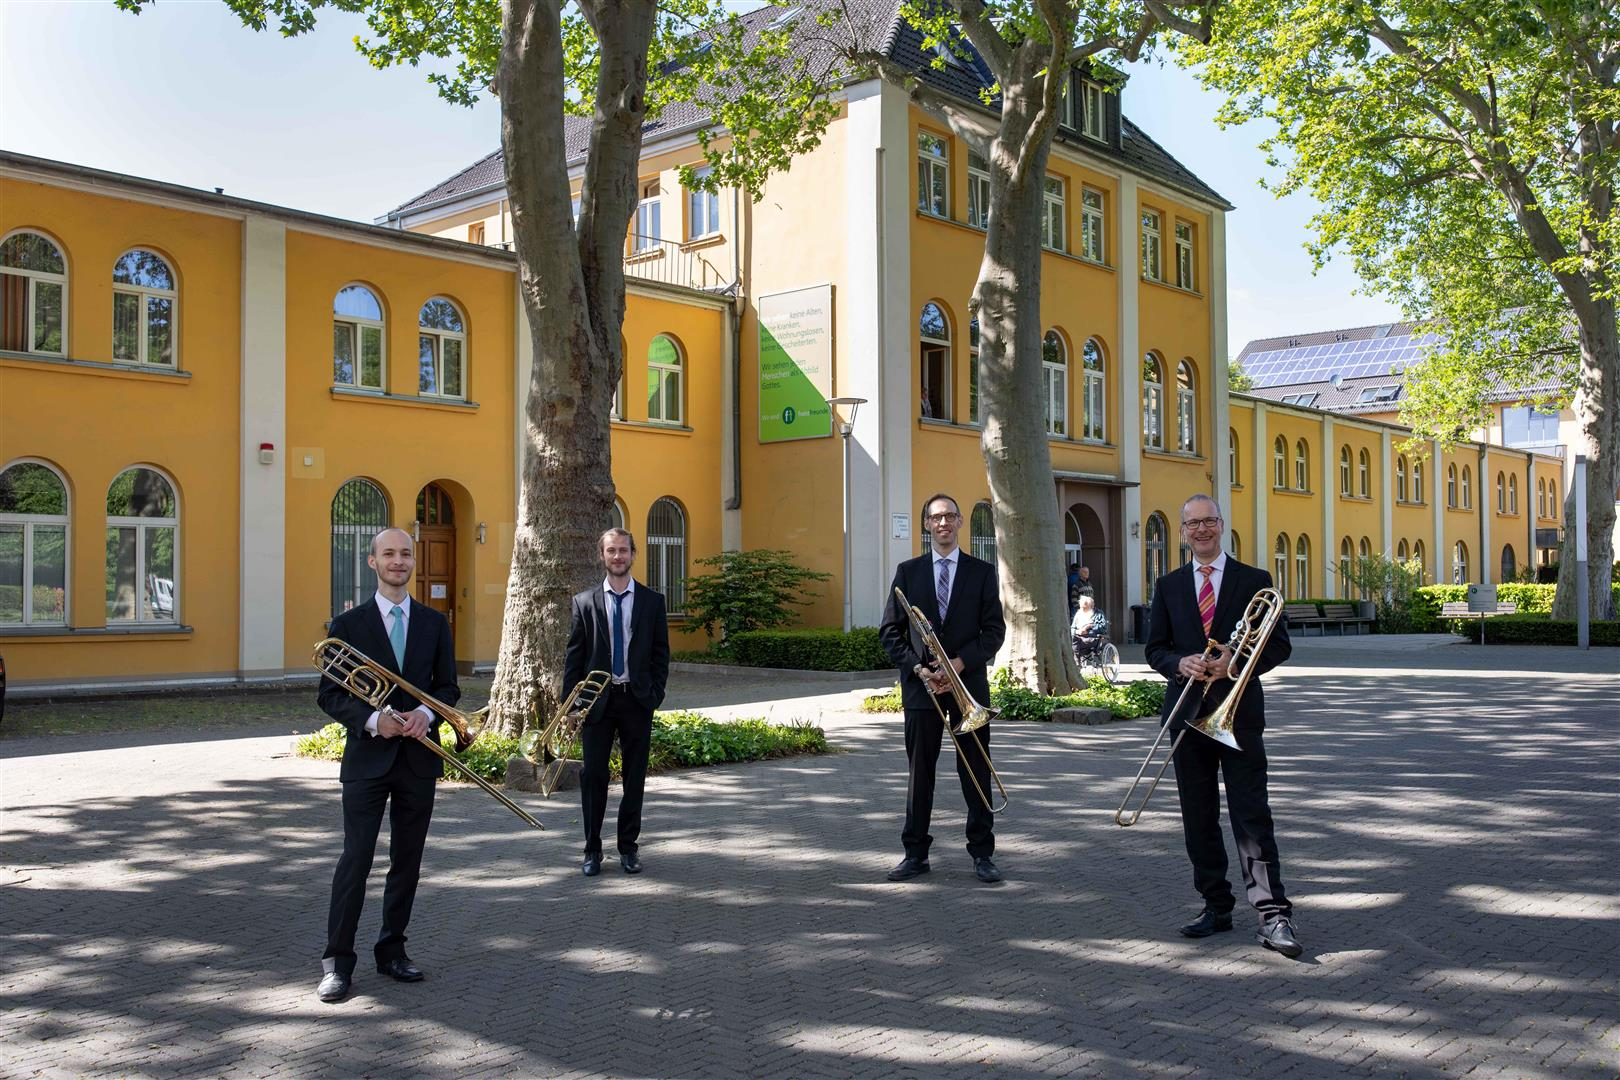 Düsseldorfer Symphoniker geben Sonnenscheinkonzerte für Senioren (Foto: Susanne Diesner)